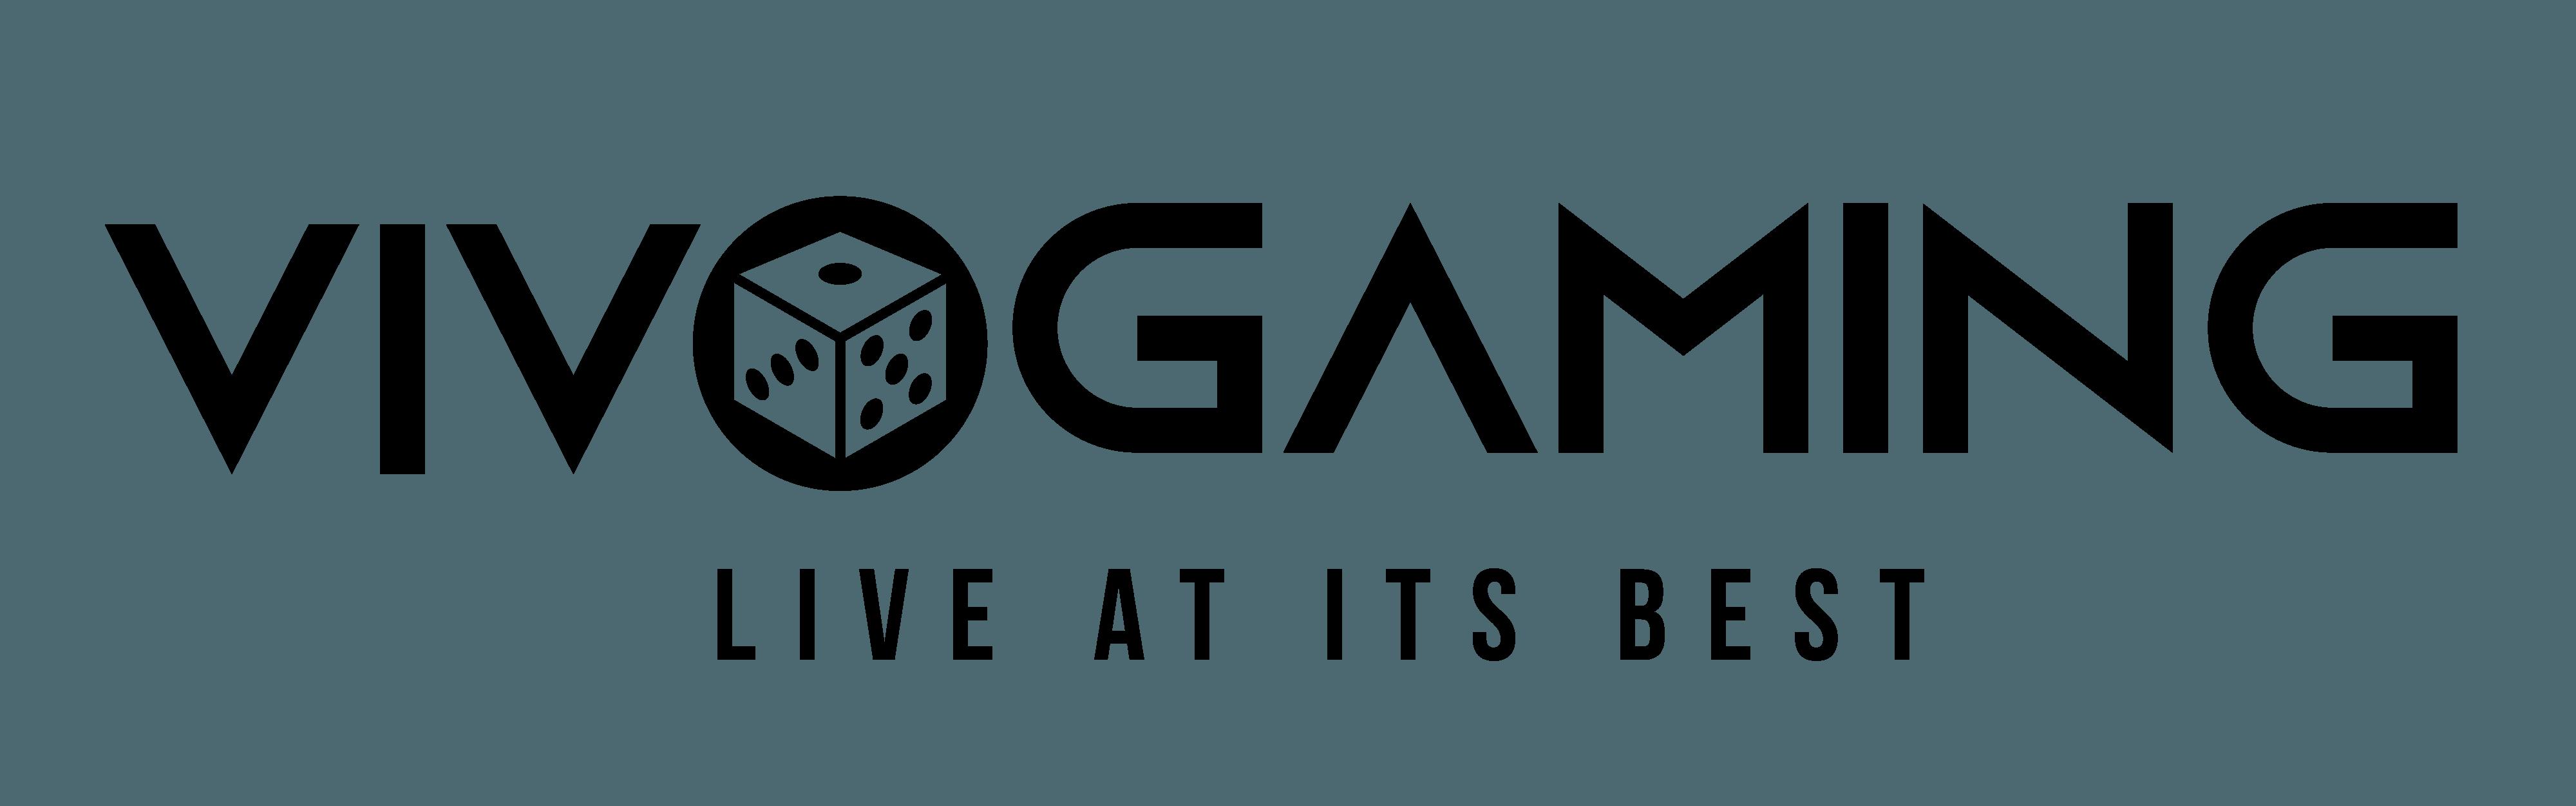 Vivo Gaming giochi